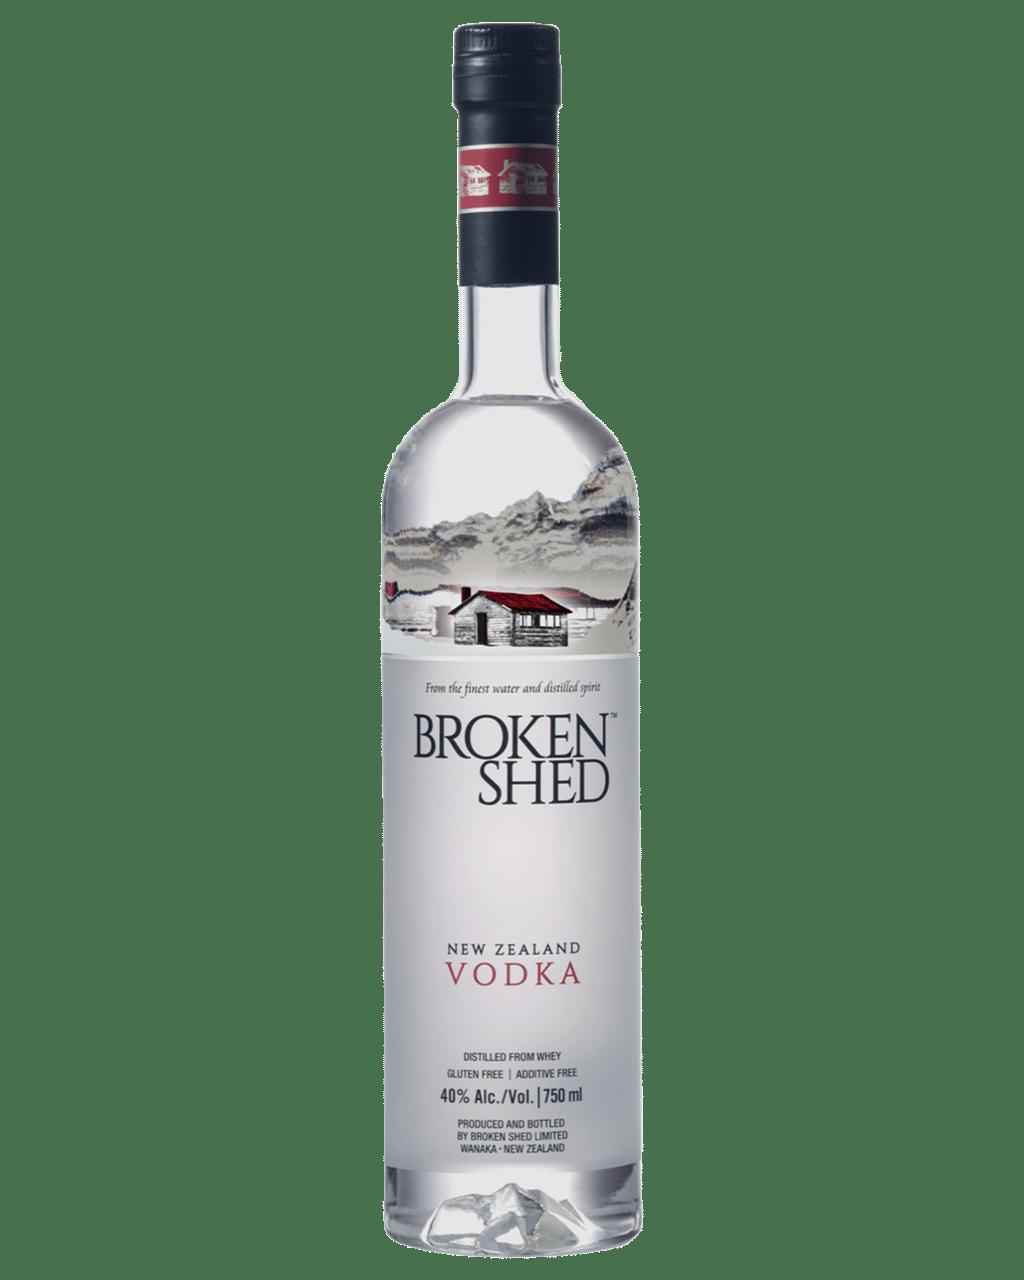 fcaab7d72 Broken Shed Premium New Zealand Vodka 750mL | Dan Murphy's | Buy ...